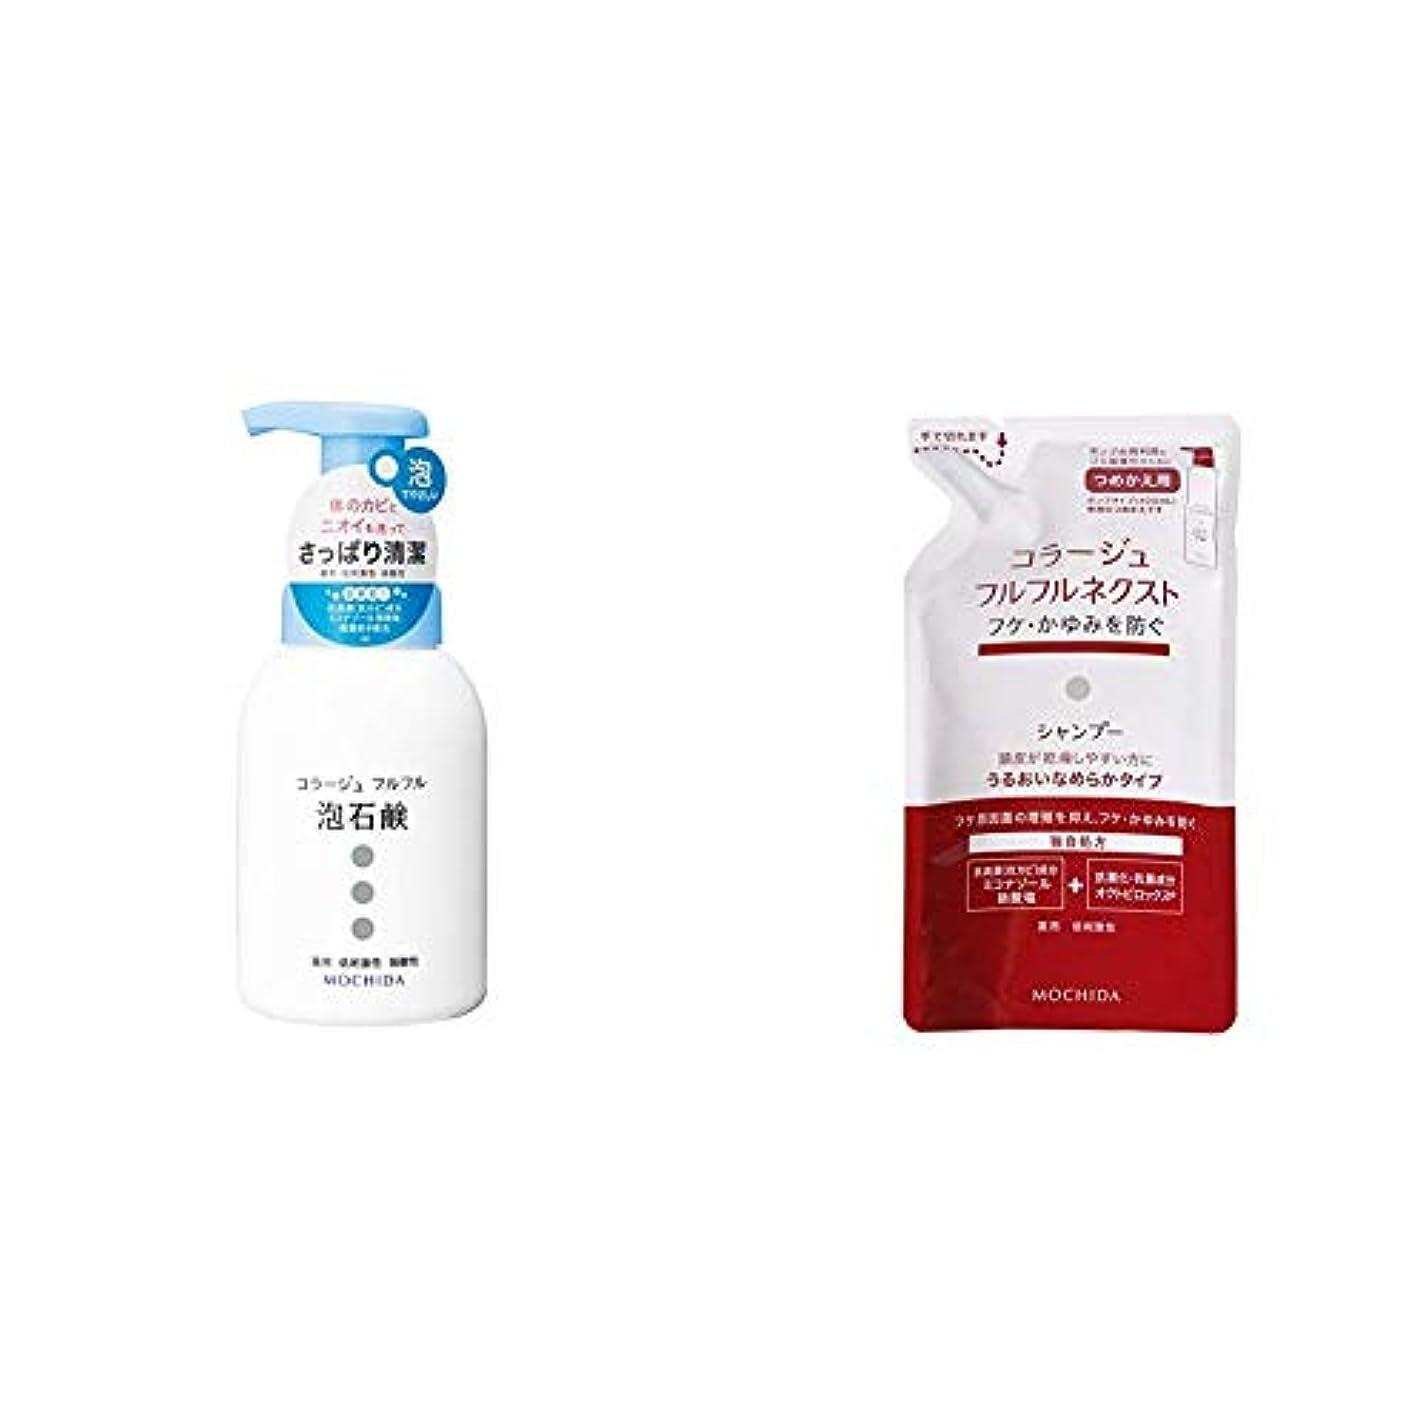 報いる精査するバランスのとれたコラージュフルフル 泡石鹸 300mL (医薬部外品) & ネクストシャンプー うるおいなめらかタイプ (つめかえ用) 280mL (医薬部外品)